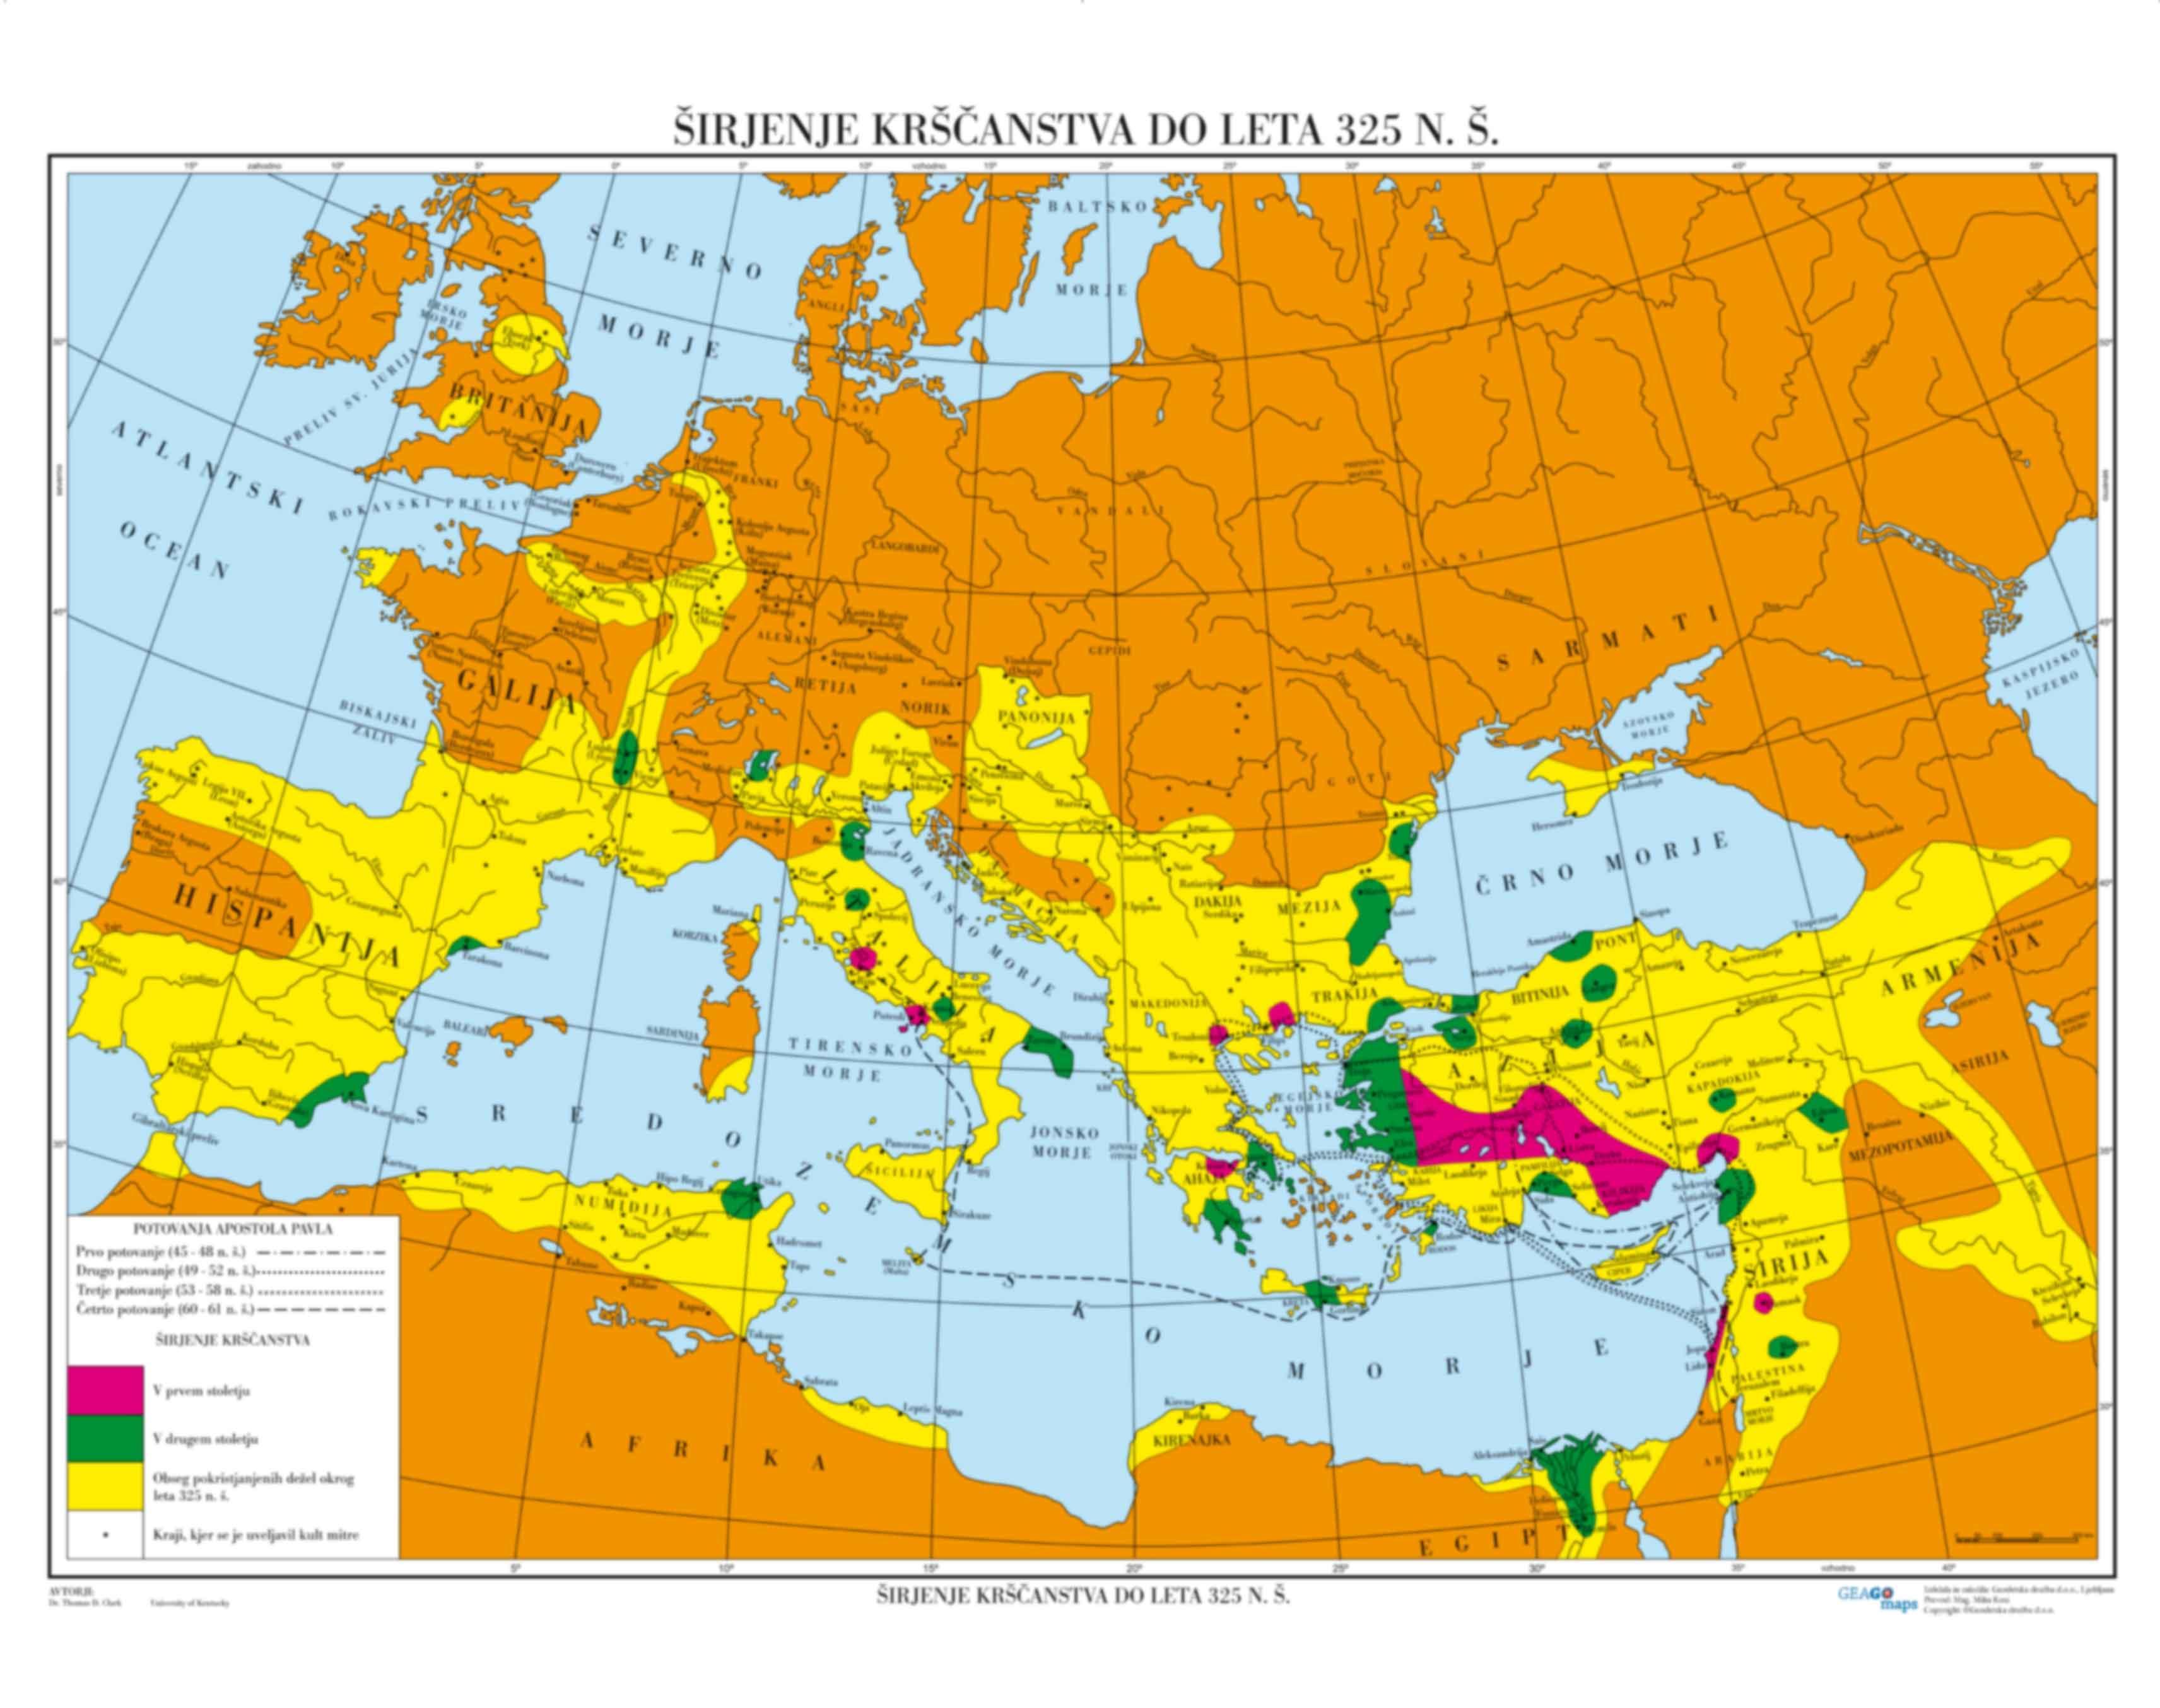 Širjenje Krščanstva do leta 325 n.š.